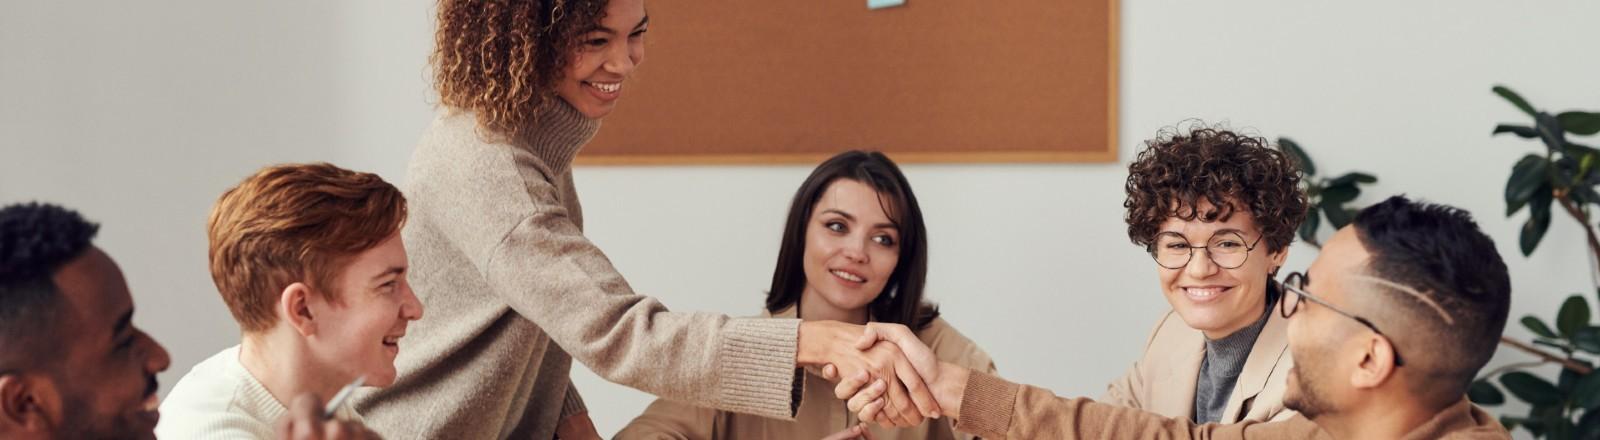 Mitarbeiter sitzen um den Konferenztisch, zwei geben sich die Hand. Freundliche Atmosphäre.